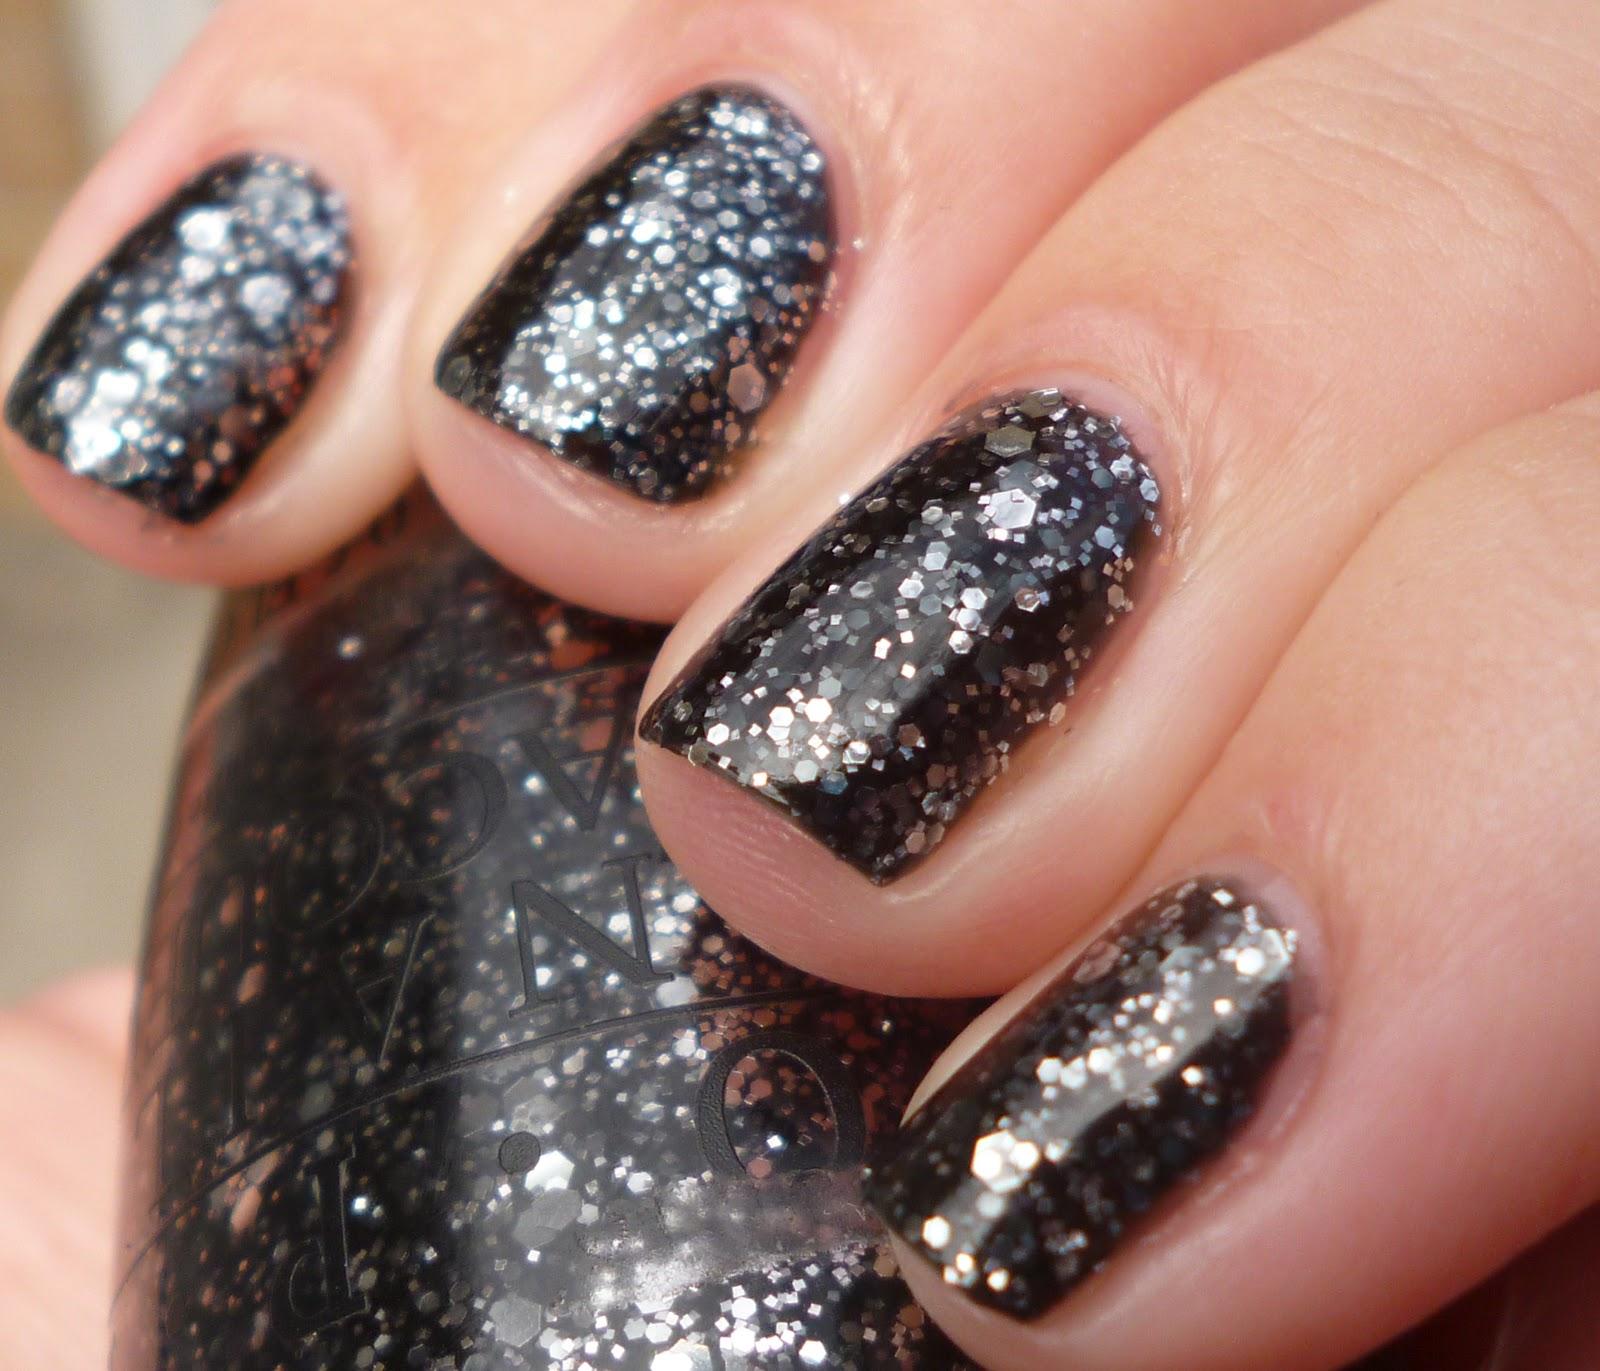 Nail Polish Anon: China Glaze Haunted Vs OPI Metallic 4 Life